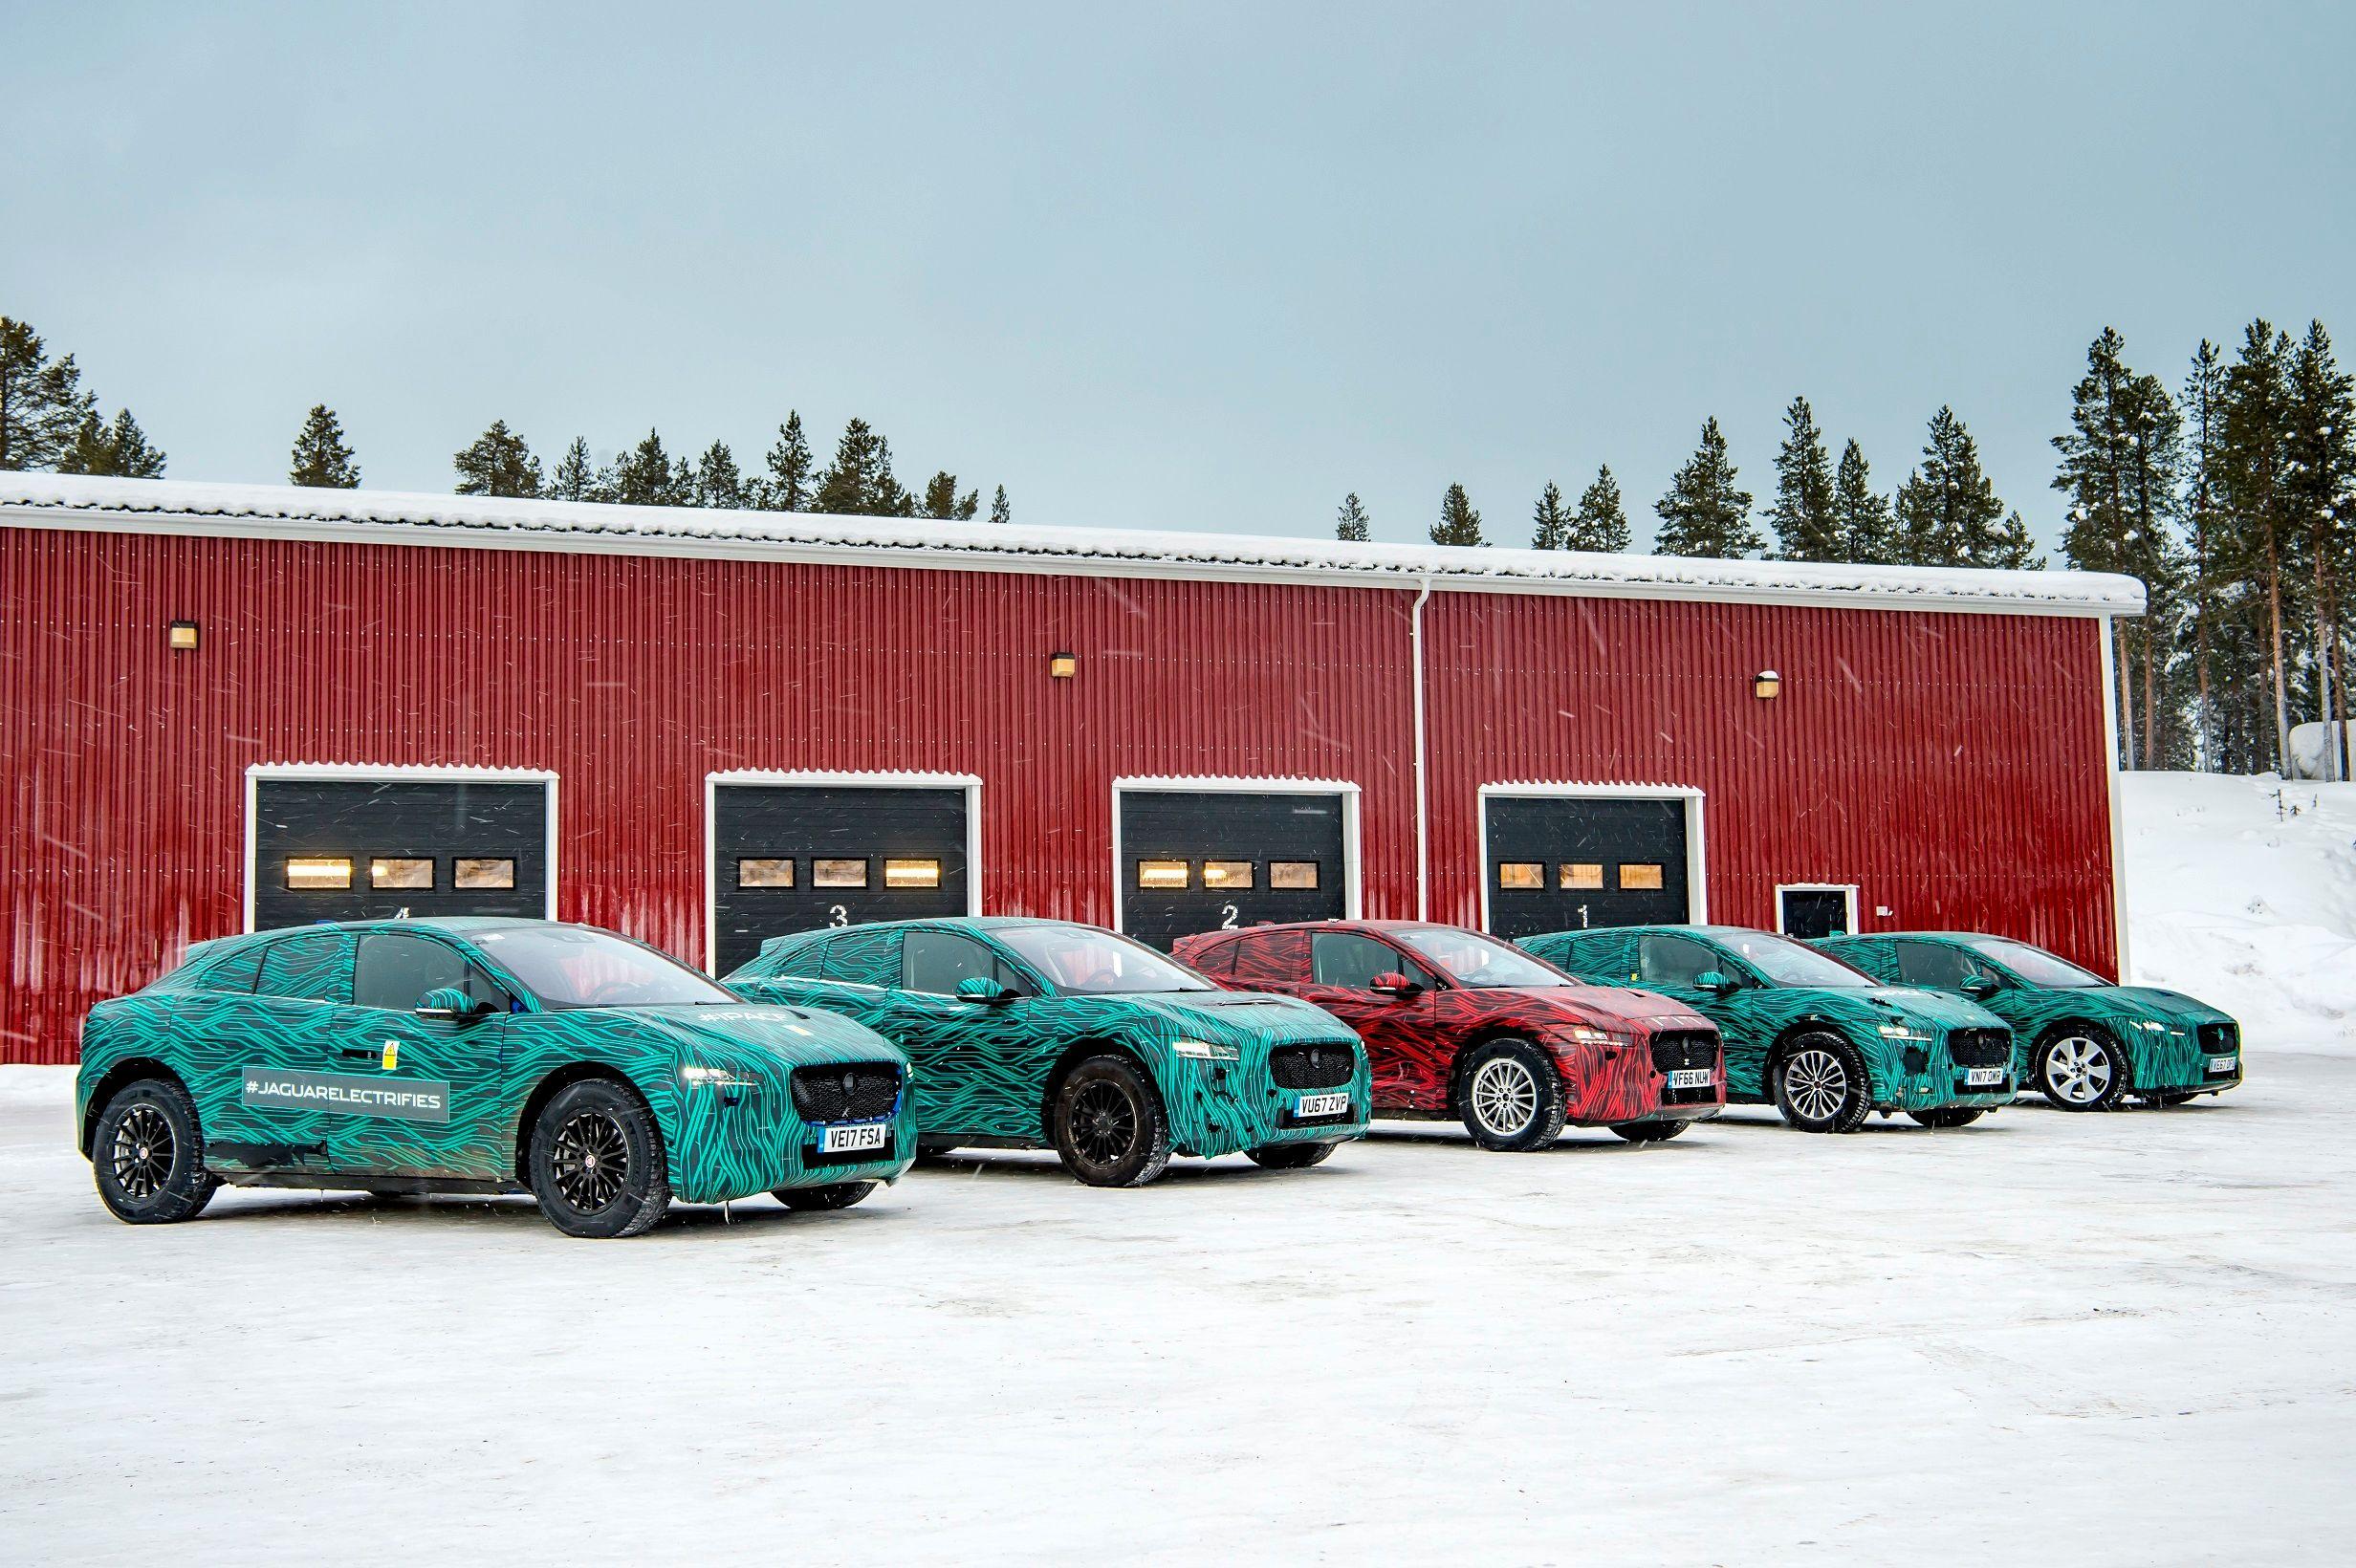 Jaguar i-Pace vil kunne hurtiglade med minst 100 kW gjennom en CCS-kontakt.